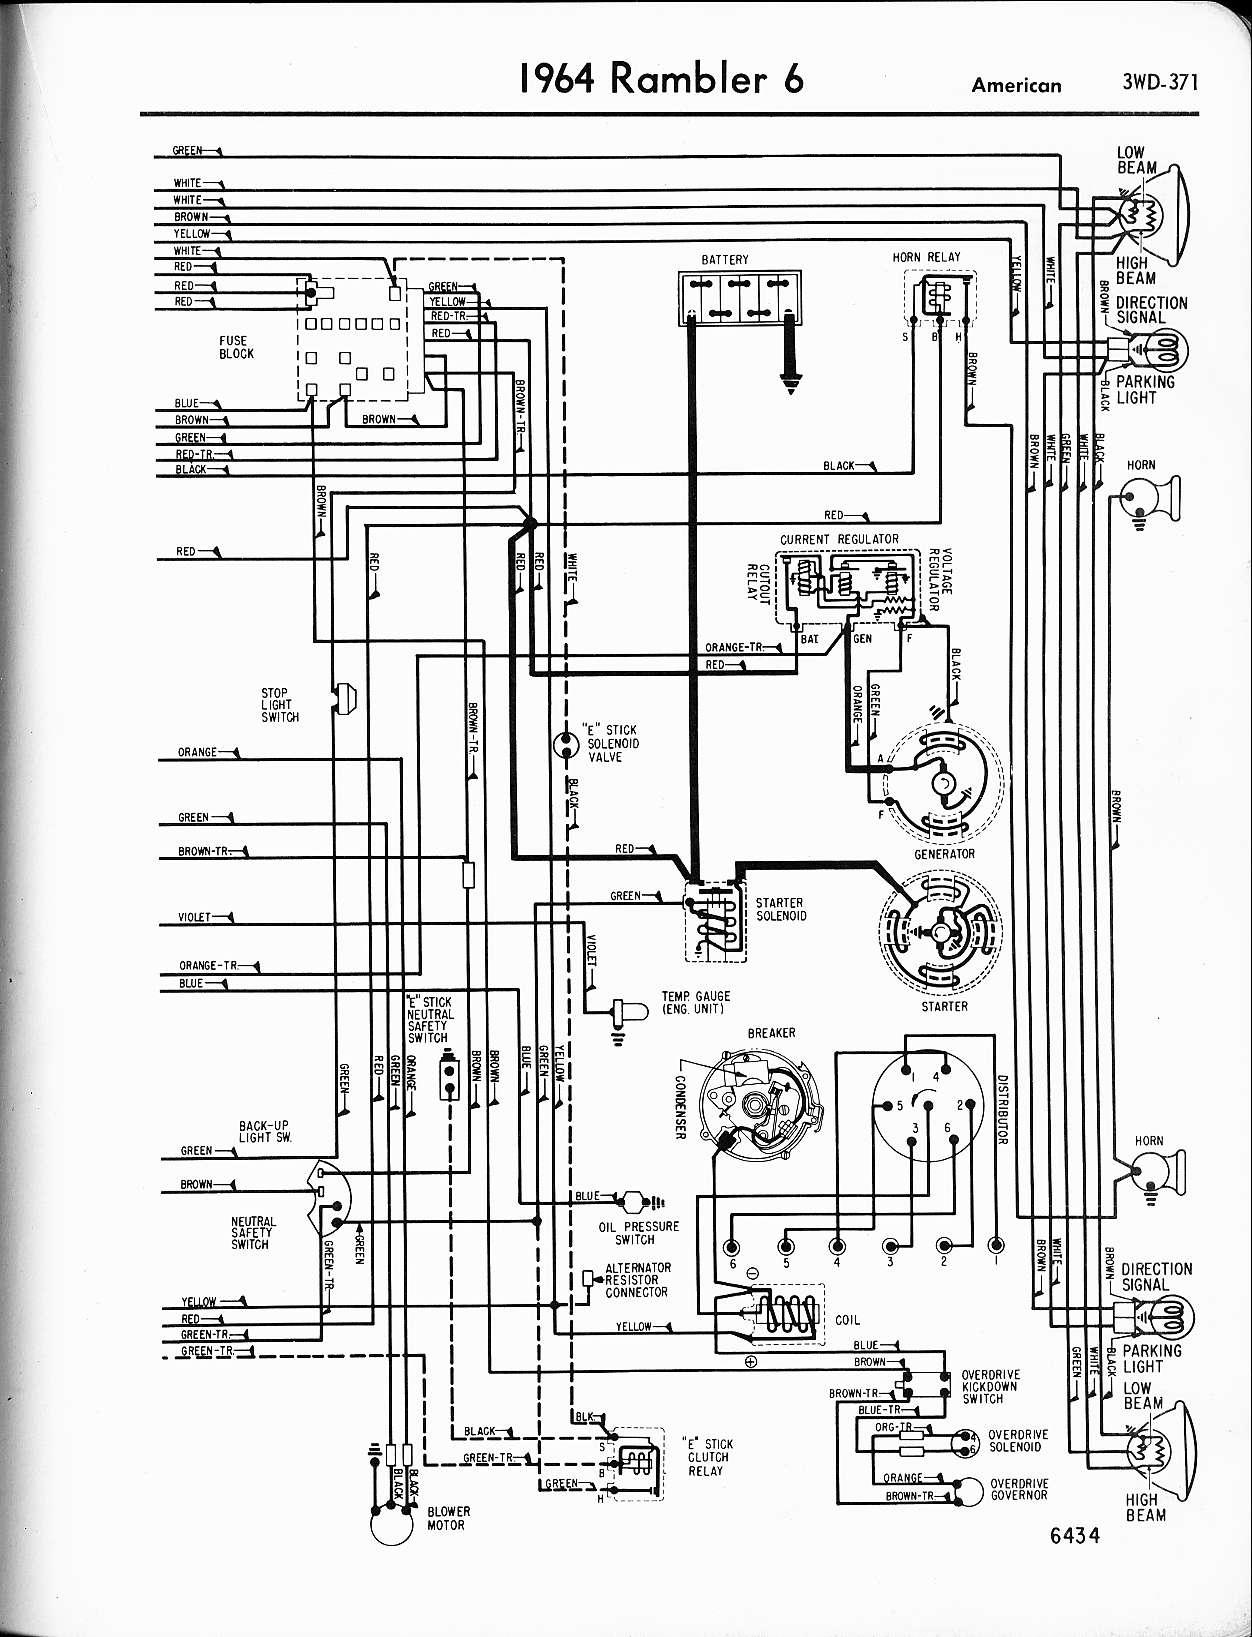 1960 rambler american wiring diagrams